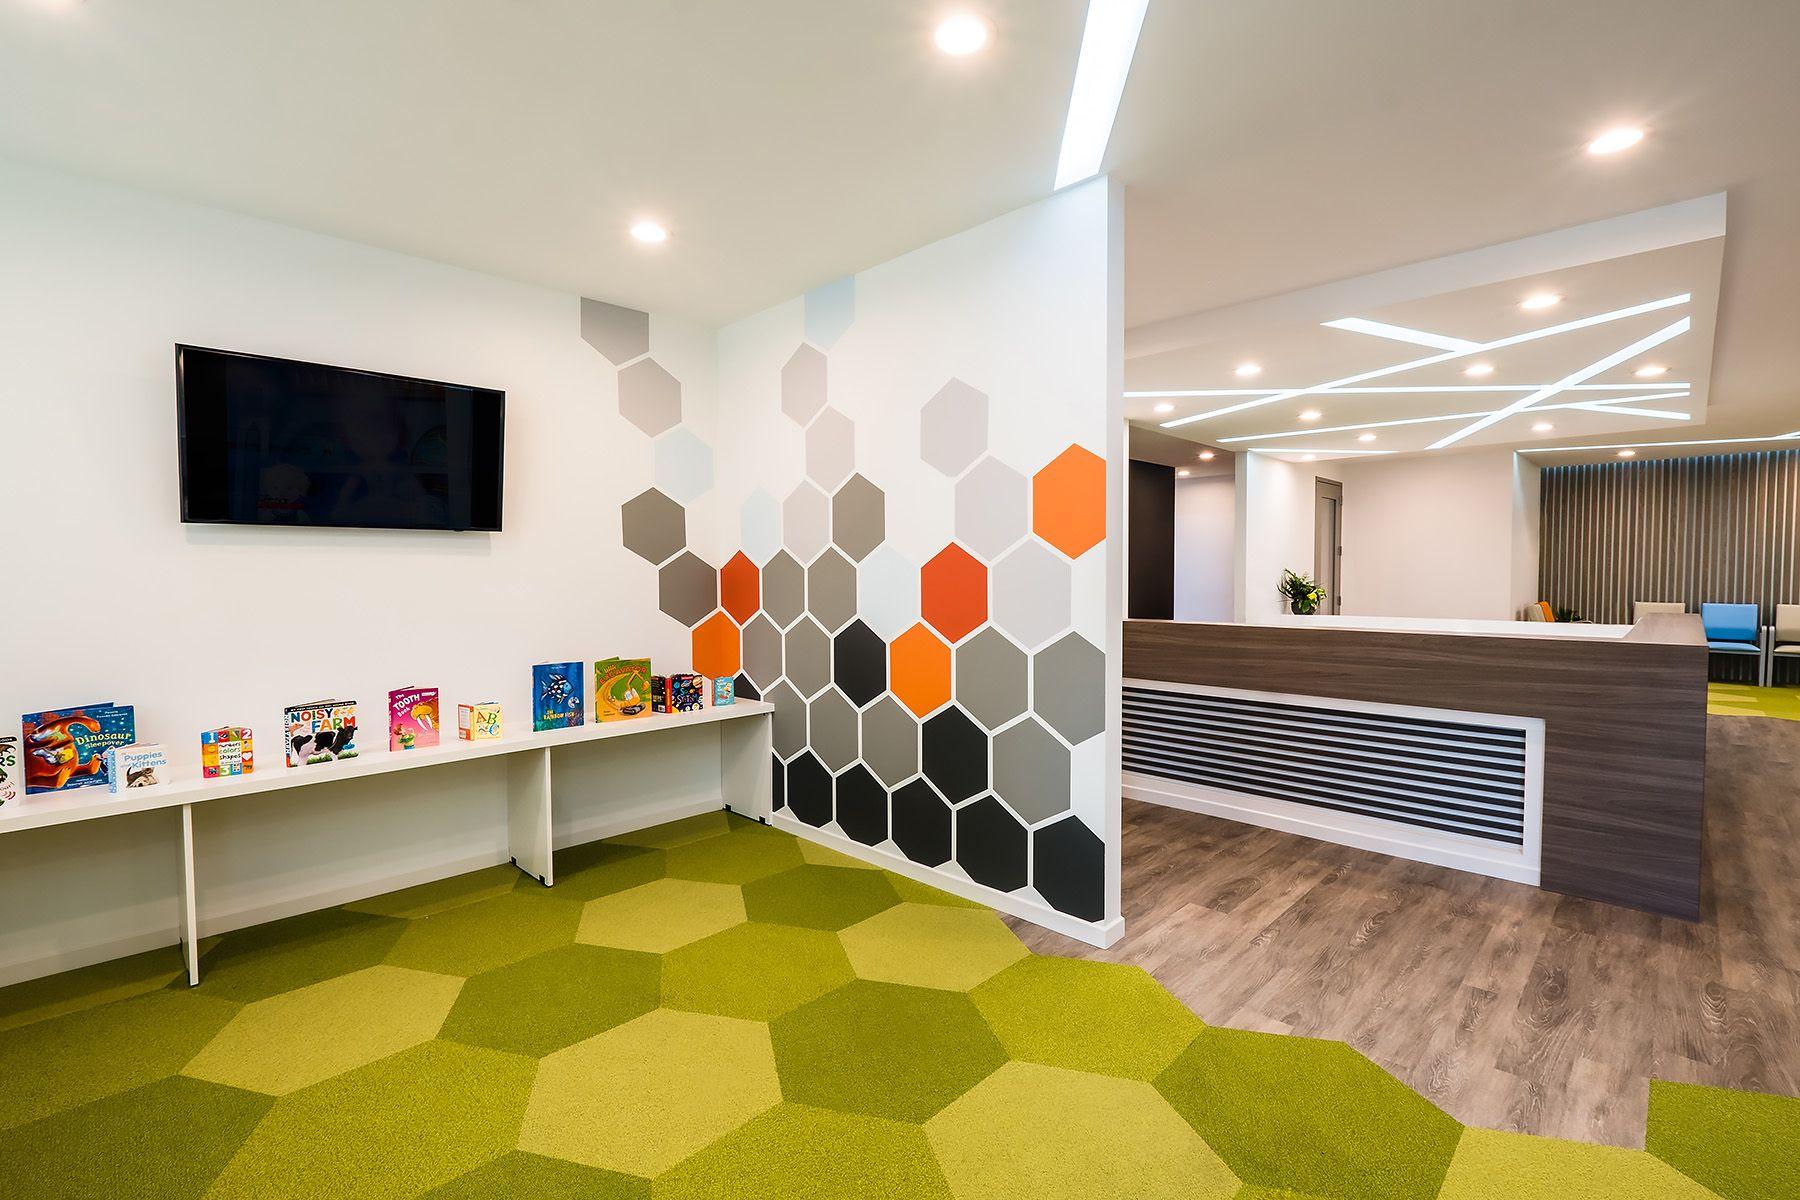 Chesapeake pediatric dentistry reception area design